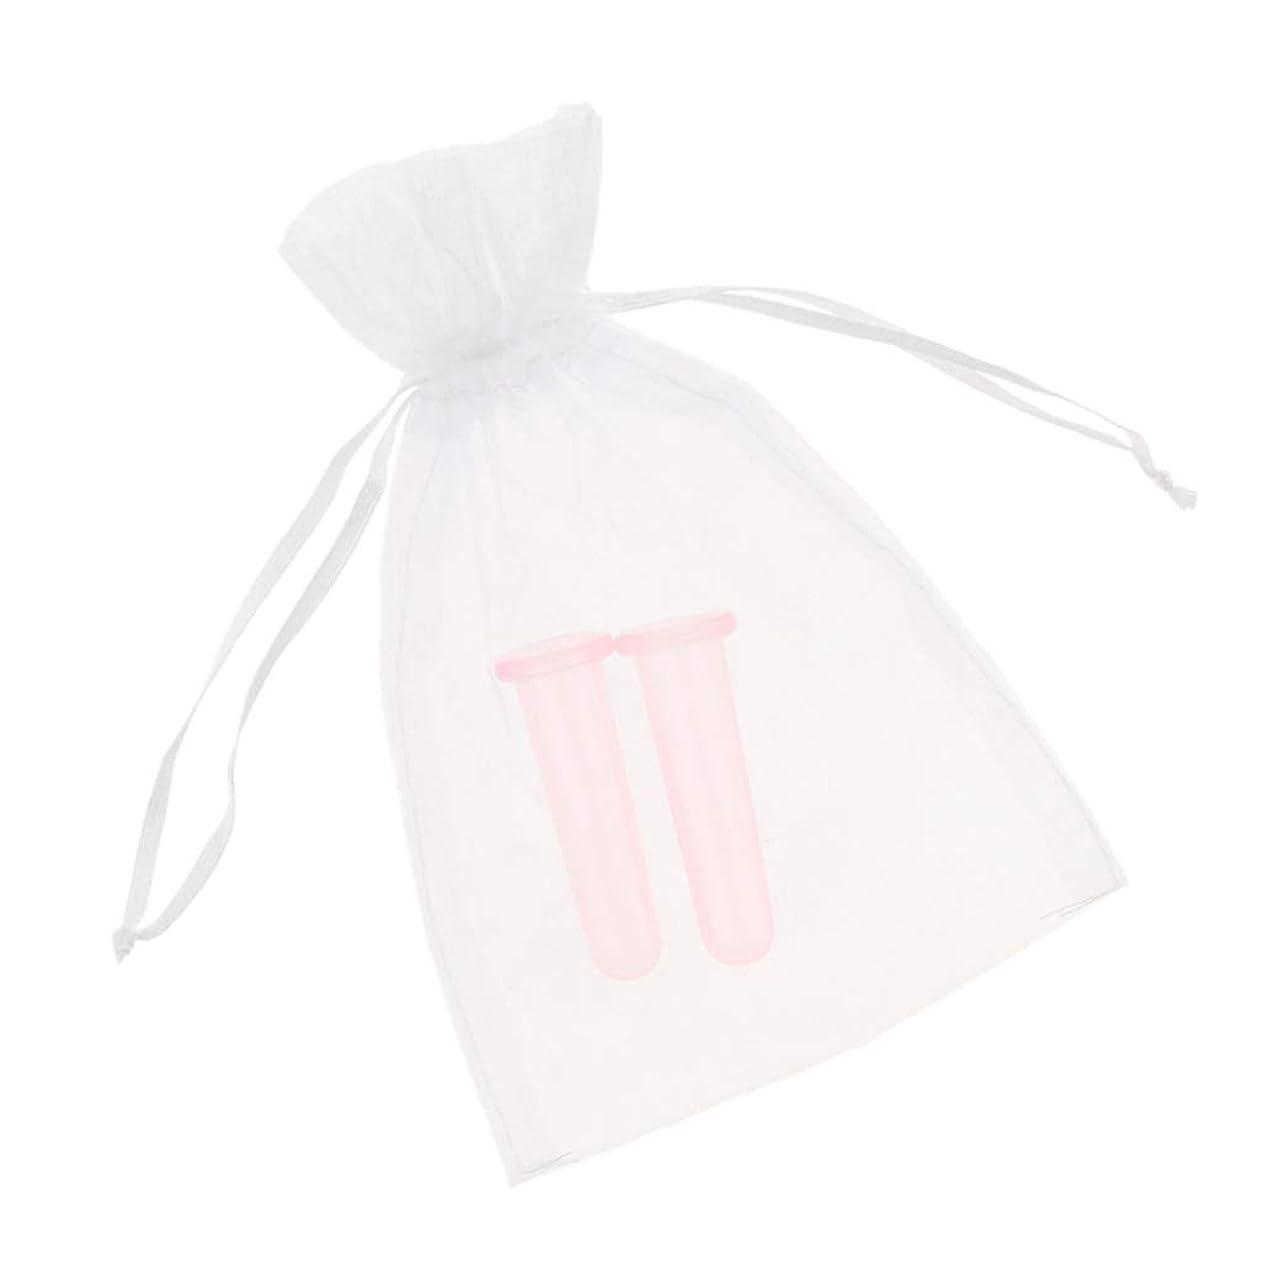 湿原るトリプルFLAMEER 2個 真空顔用 シリコーン マッサージカップ 吸い玉 マッサージ カッピング 収納ポーチ付き 全2色 - ピンク